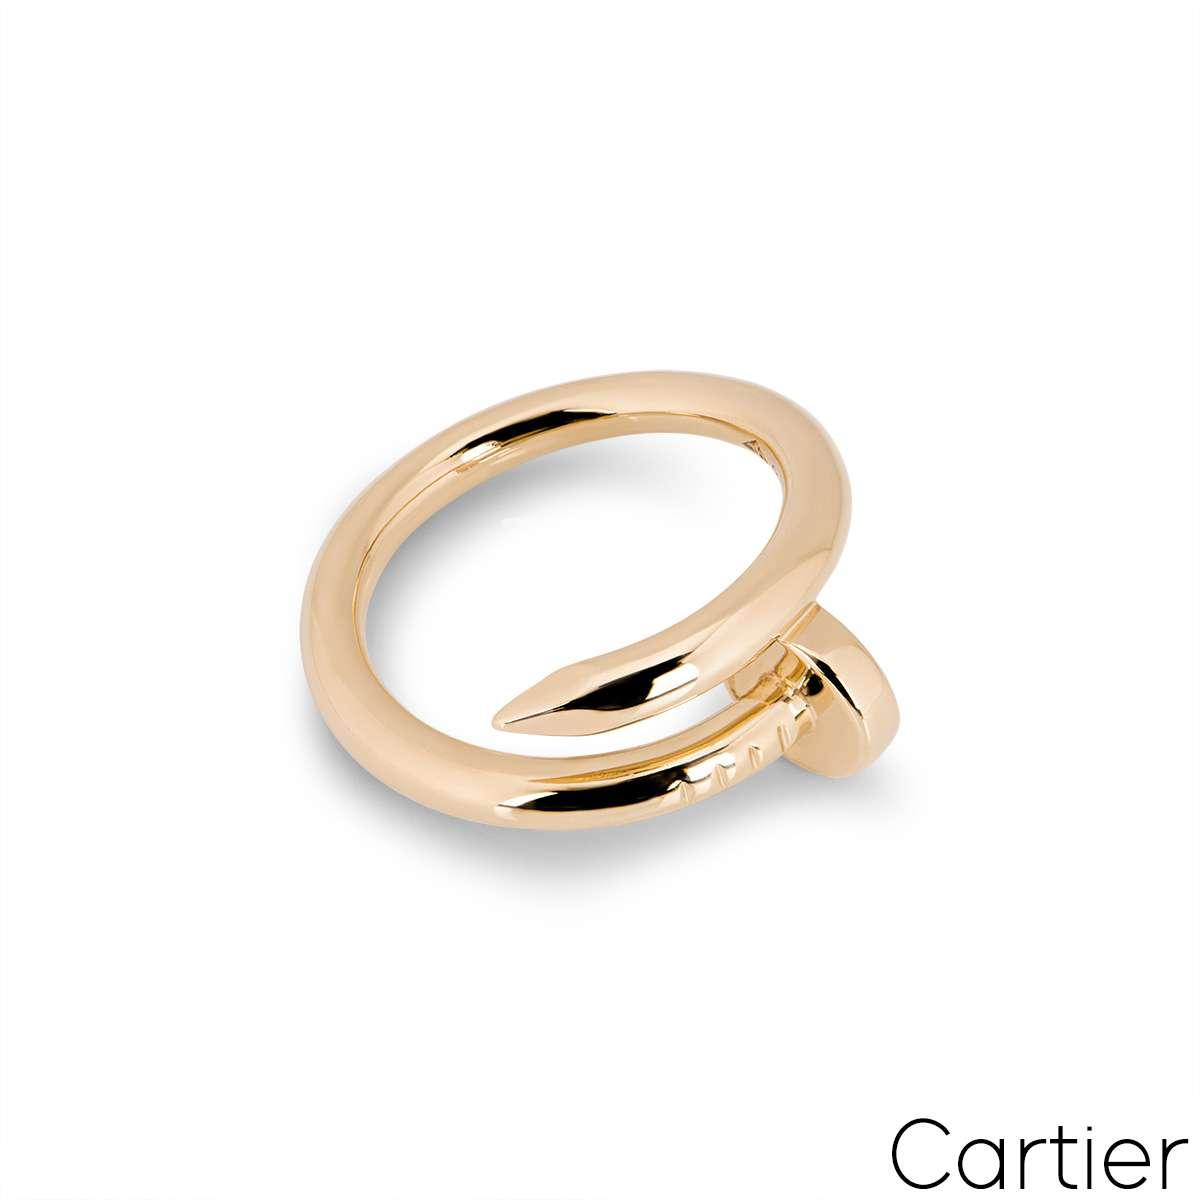 Cartier Rose Gold Plain Juste un Clou Ring Size 51 B4092500